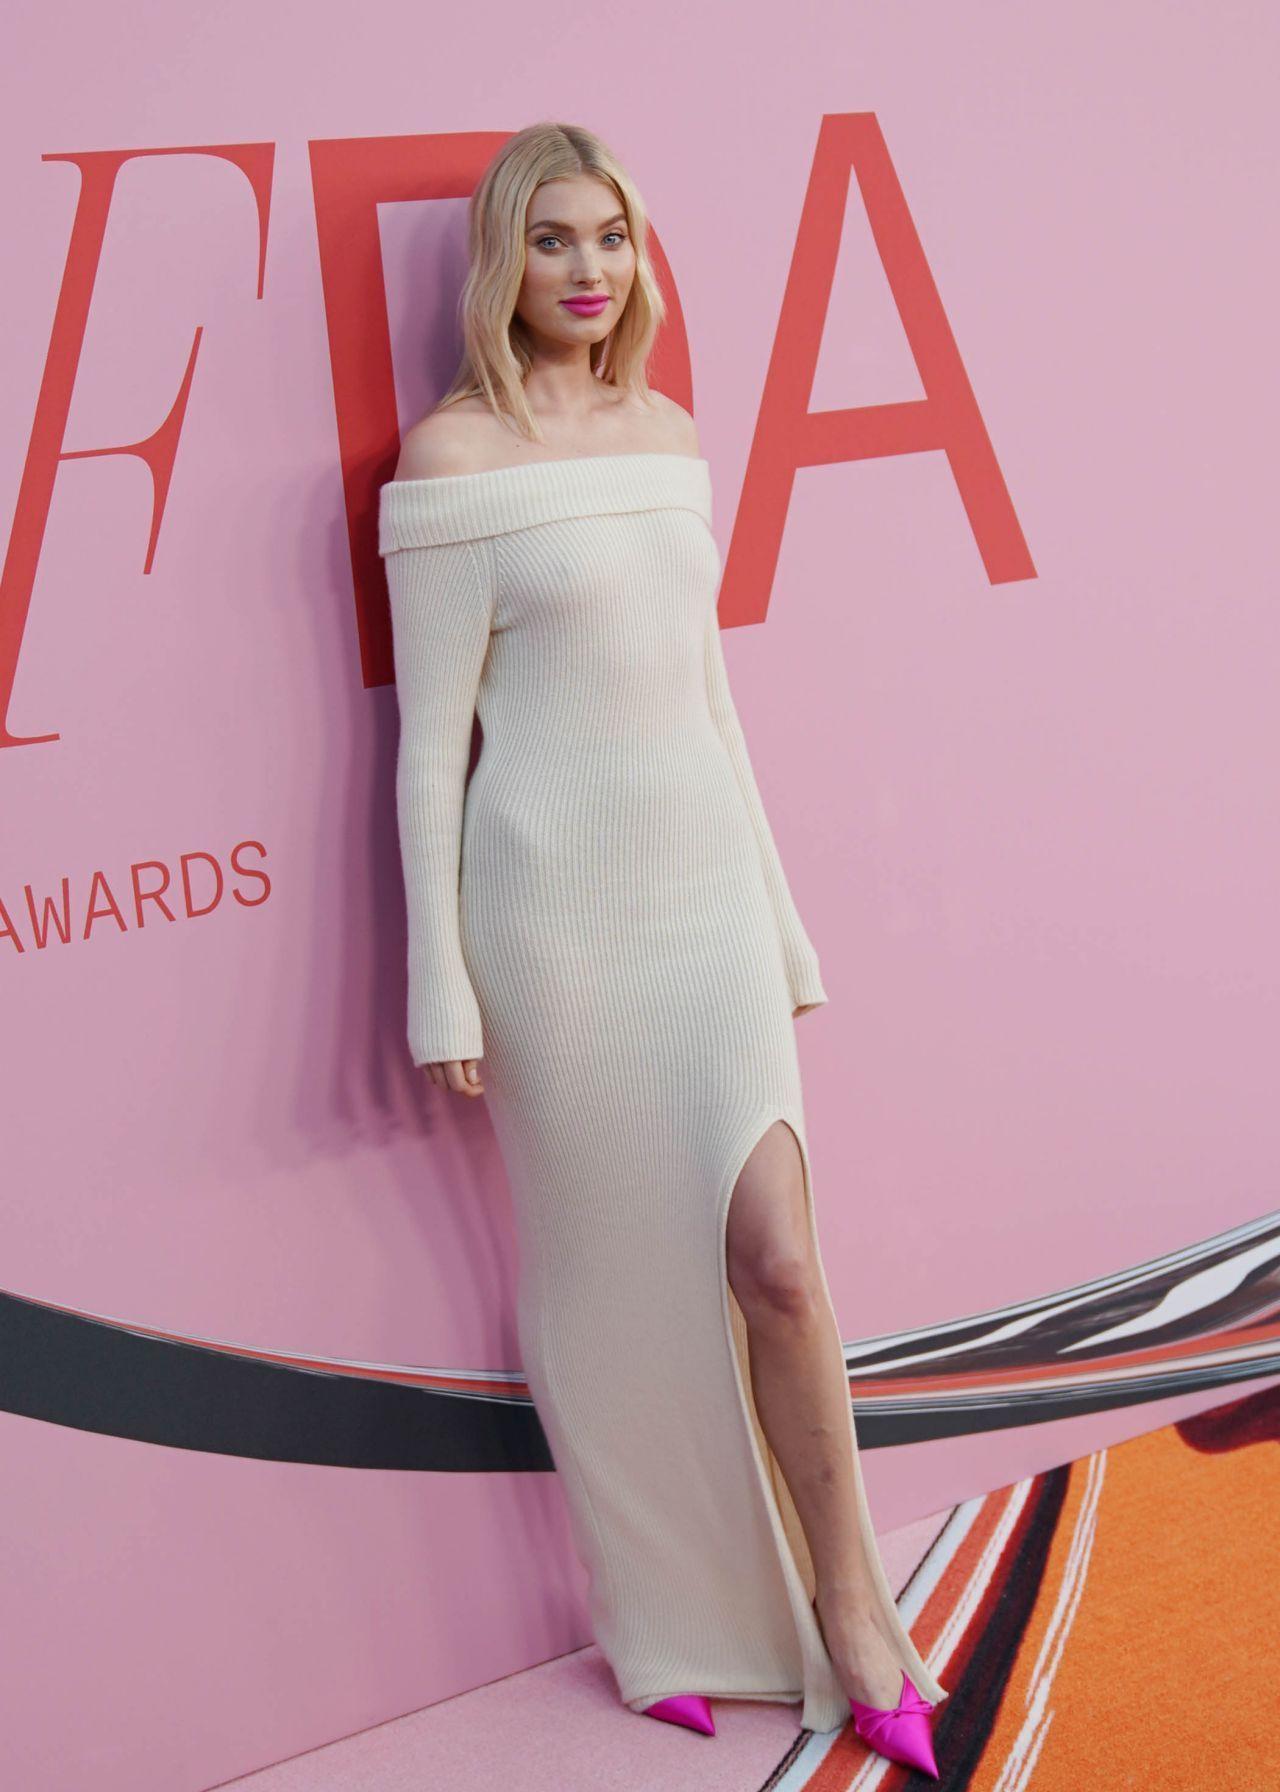 女星艾尔莎·霍斯卡身穿白色一字肩美裙出席颁奖典礼